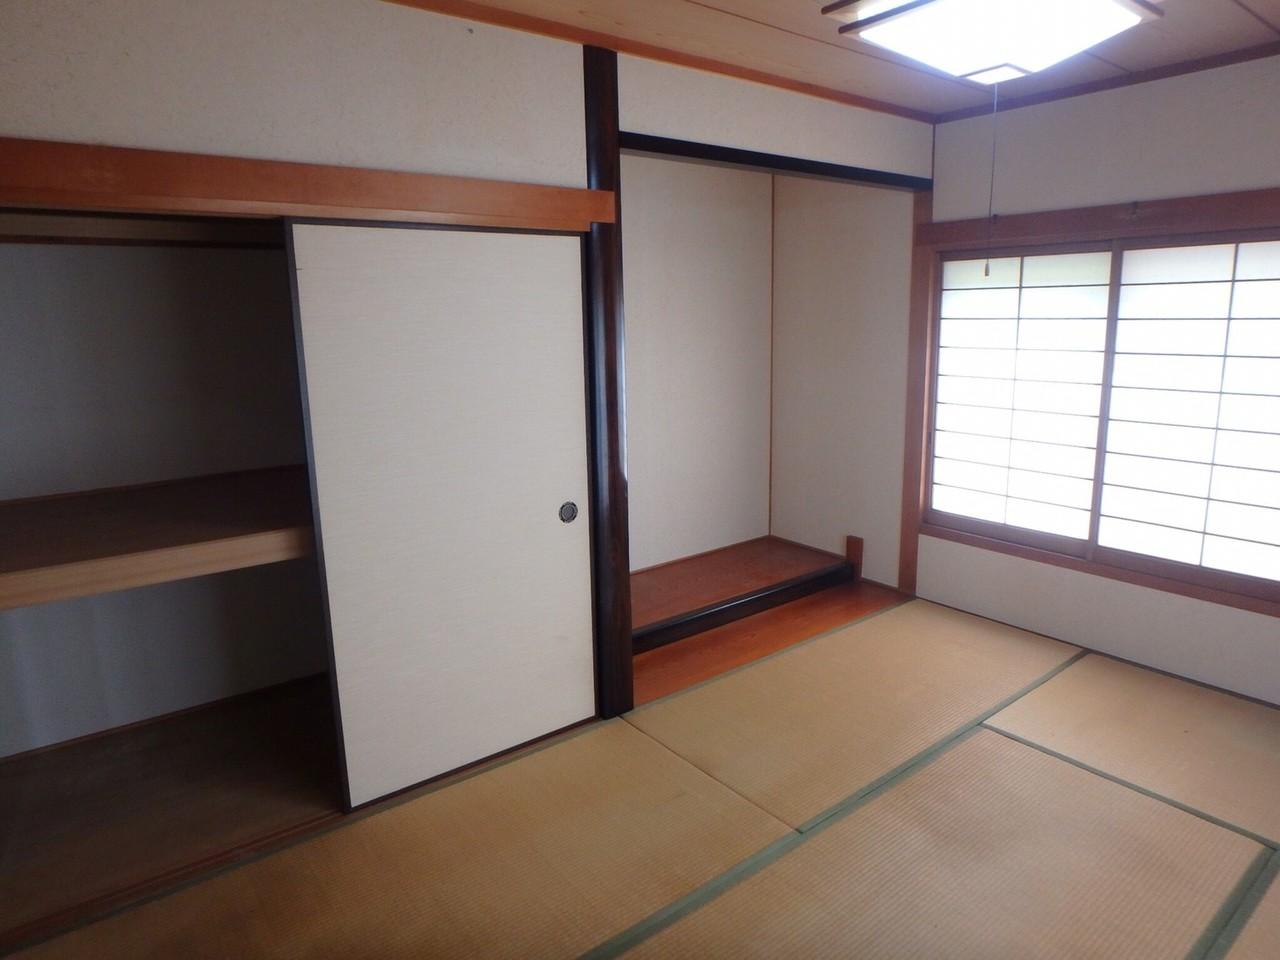 和室は6帖と広く設計されています。 押入れや板間は綺麗に使われていたので、程度は良好です。 南側と東側に大きな窓があるので、日当たり・風通しがいいですよ。